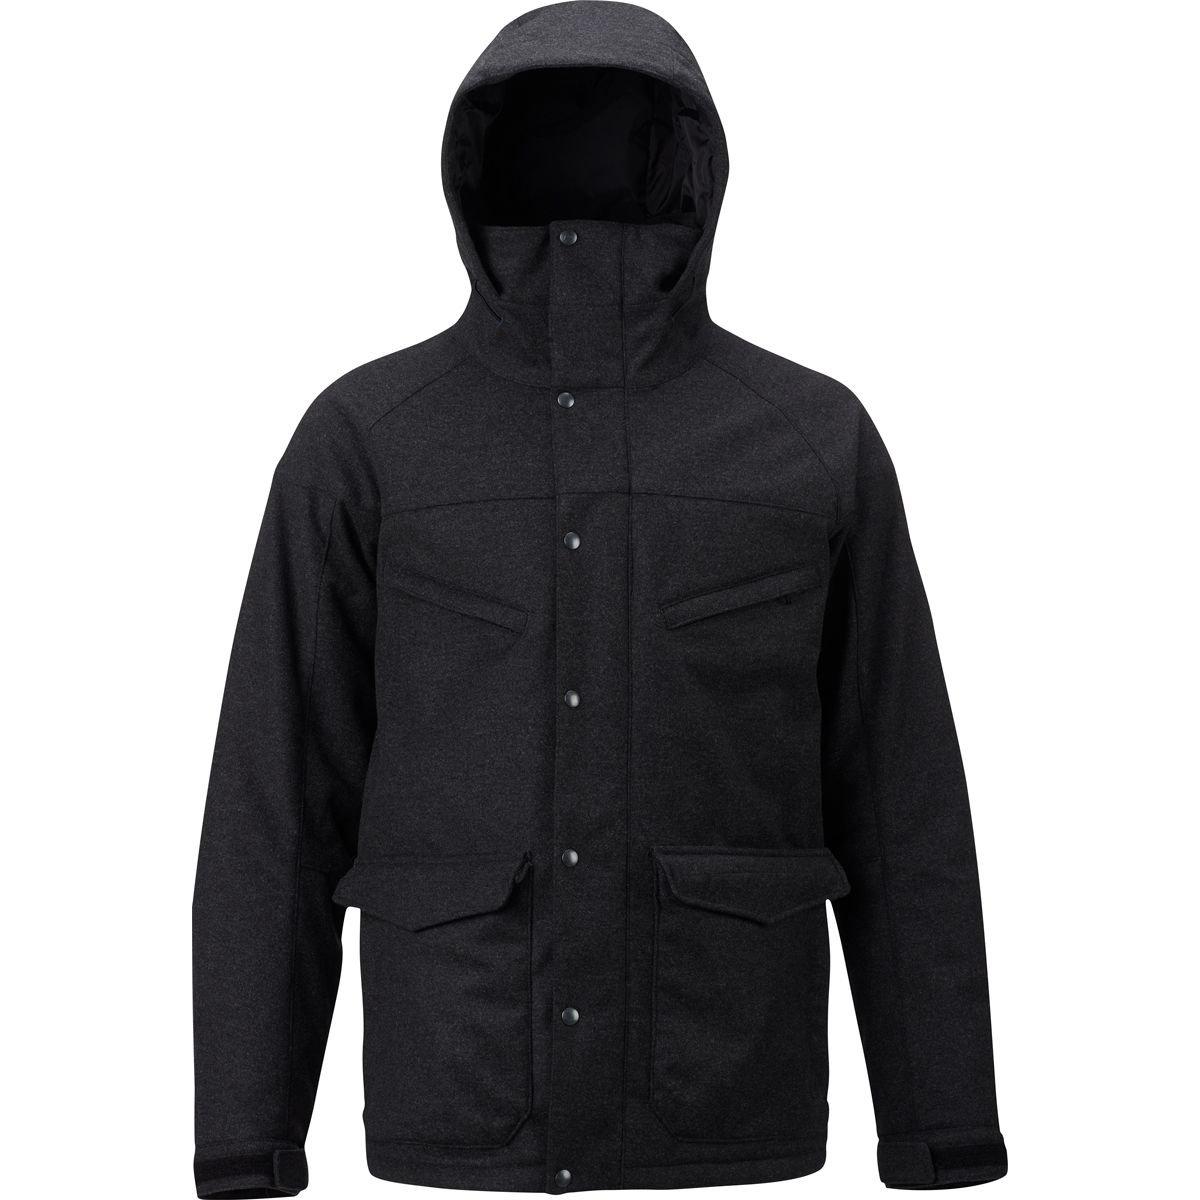 (バートン) Burton Breach Wool Insulated Jacket メンズ ジャケットFaded Wool [並行輸入品] B076WM1SWY 日本サイズ L (US M)|Faded Wool Faded Wool 日本サイズ L (US M)